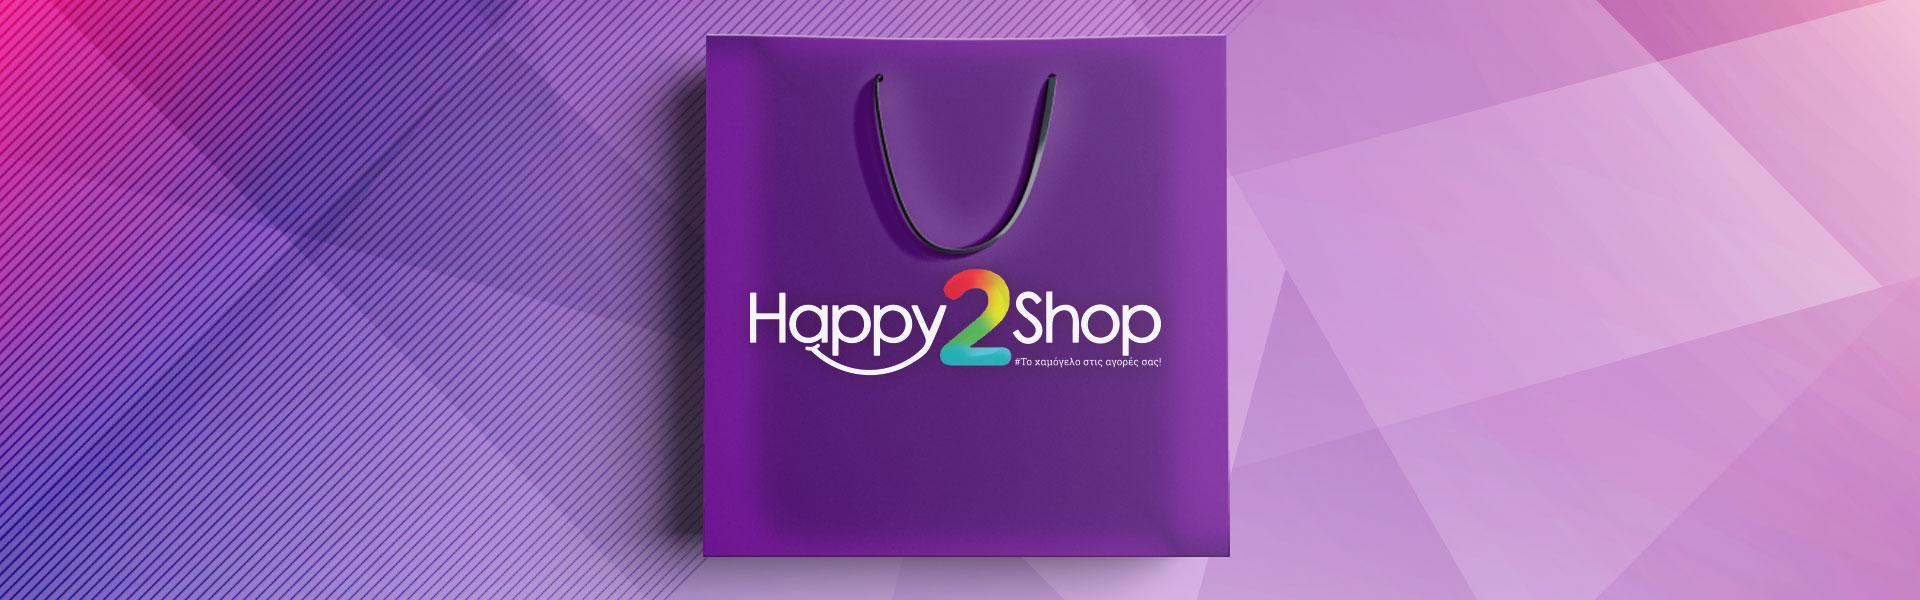 Καλώς ορίσατε στο χαρούμενο happy2shop.gr! 8aeb6635d05